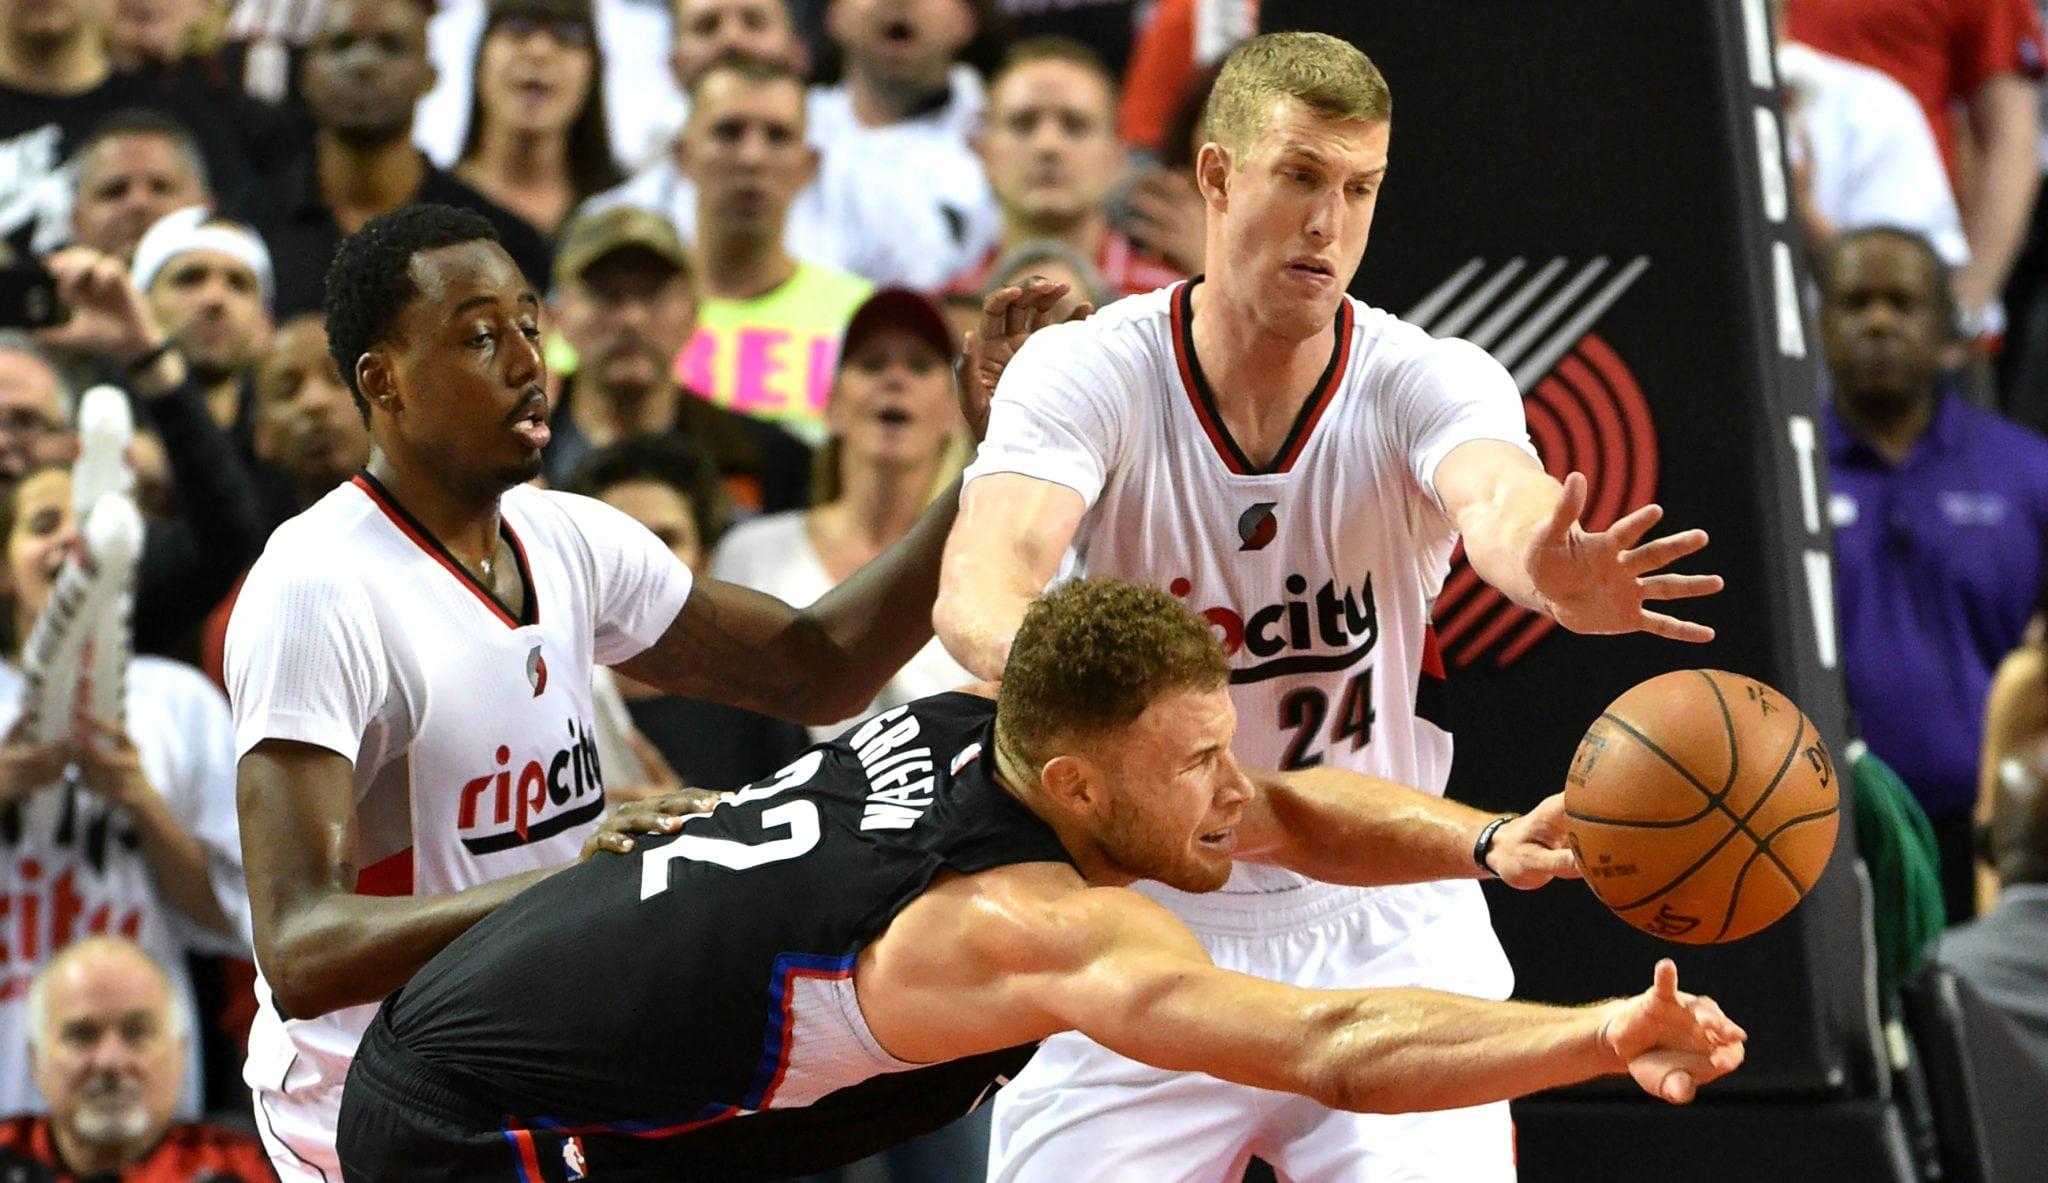 A la altura de Sabonis: Plumlee tumba a los Clippers junto a Lillard y McCollum (Vídeo)